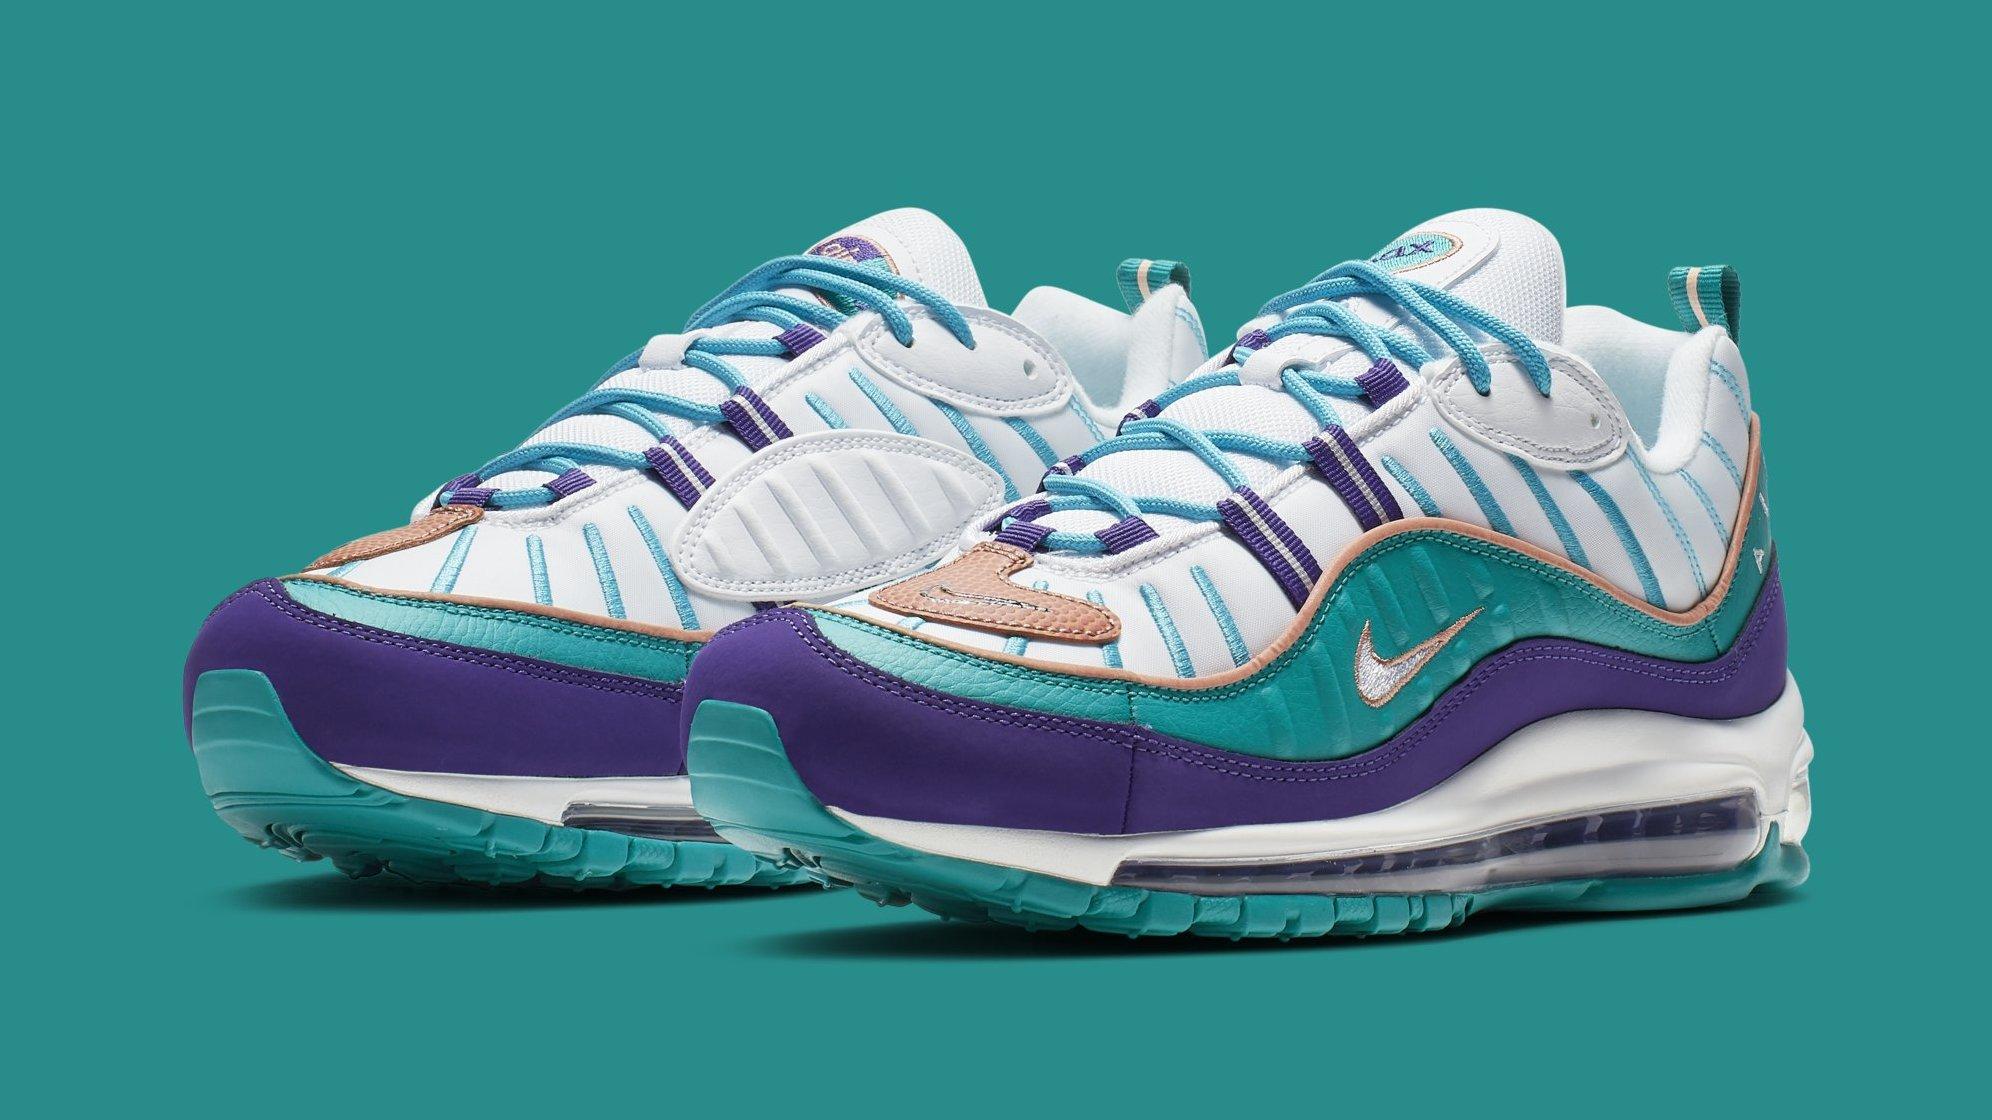 Nike Air Max 98 Court Purple Terra Blush Spirit Teal 640744 500